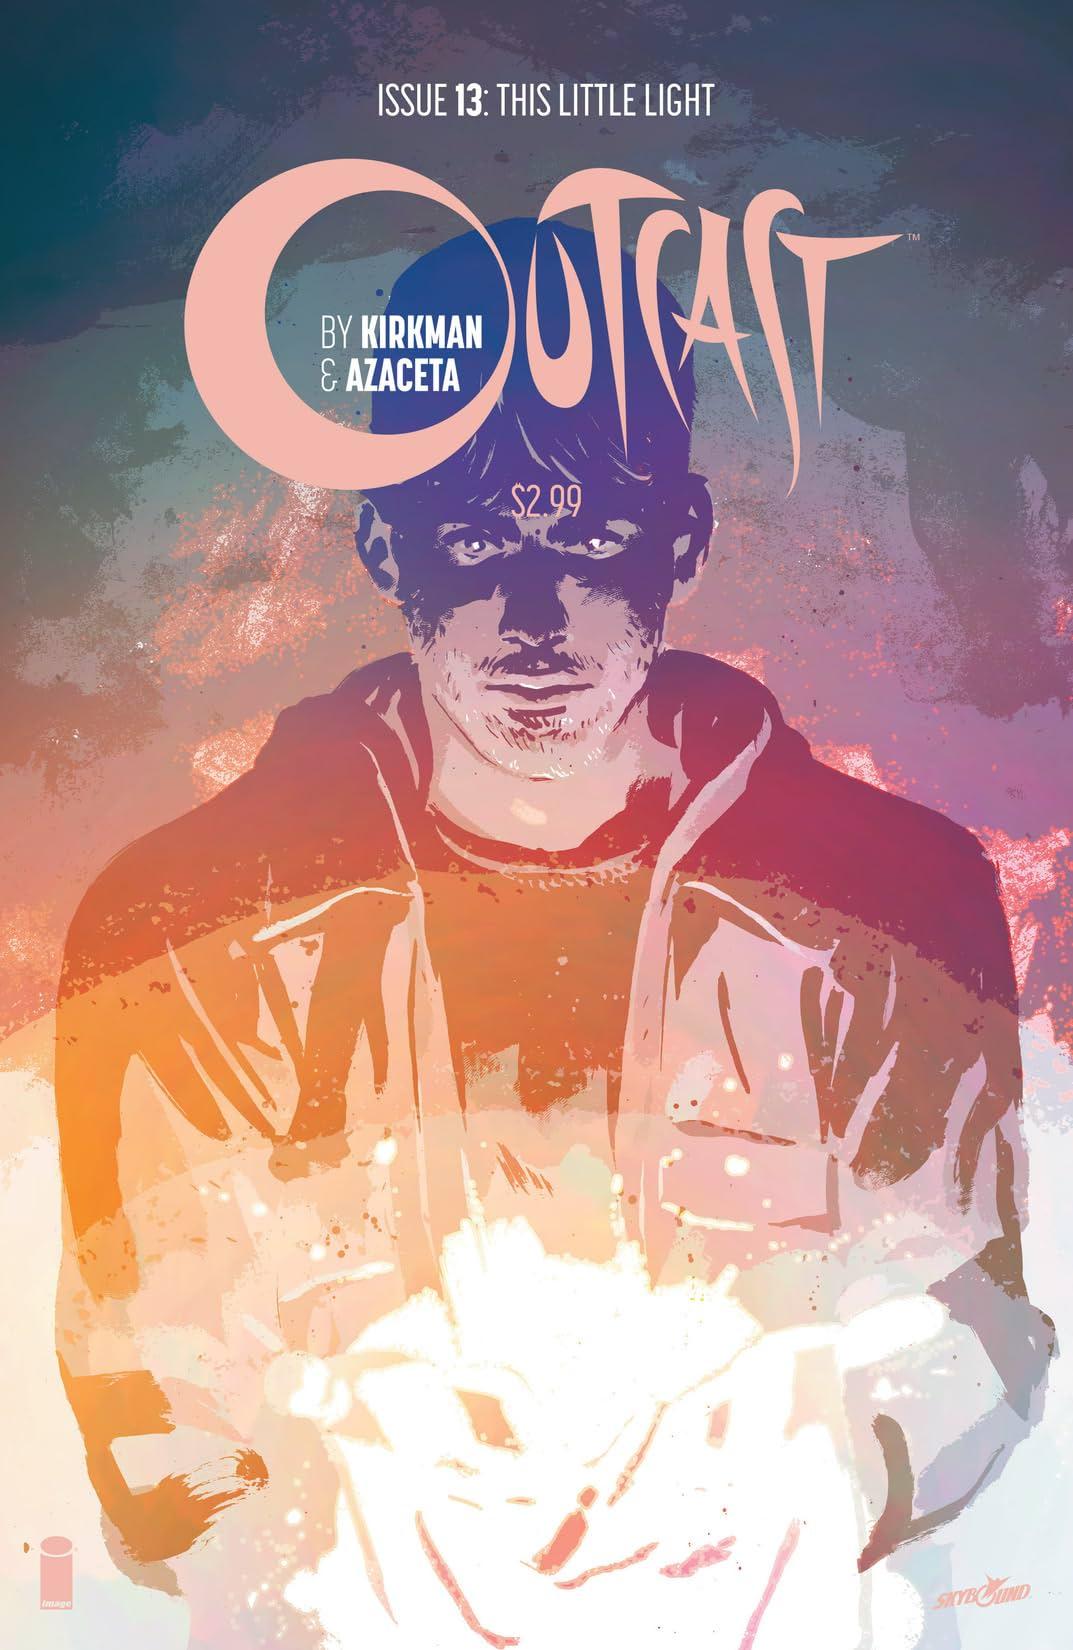 Outcast by Kirkman & Azaceta #13